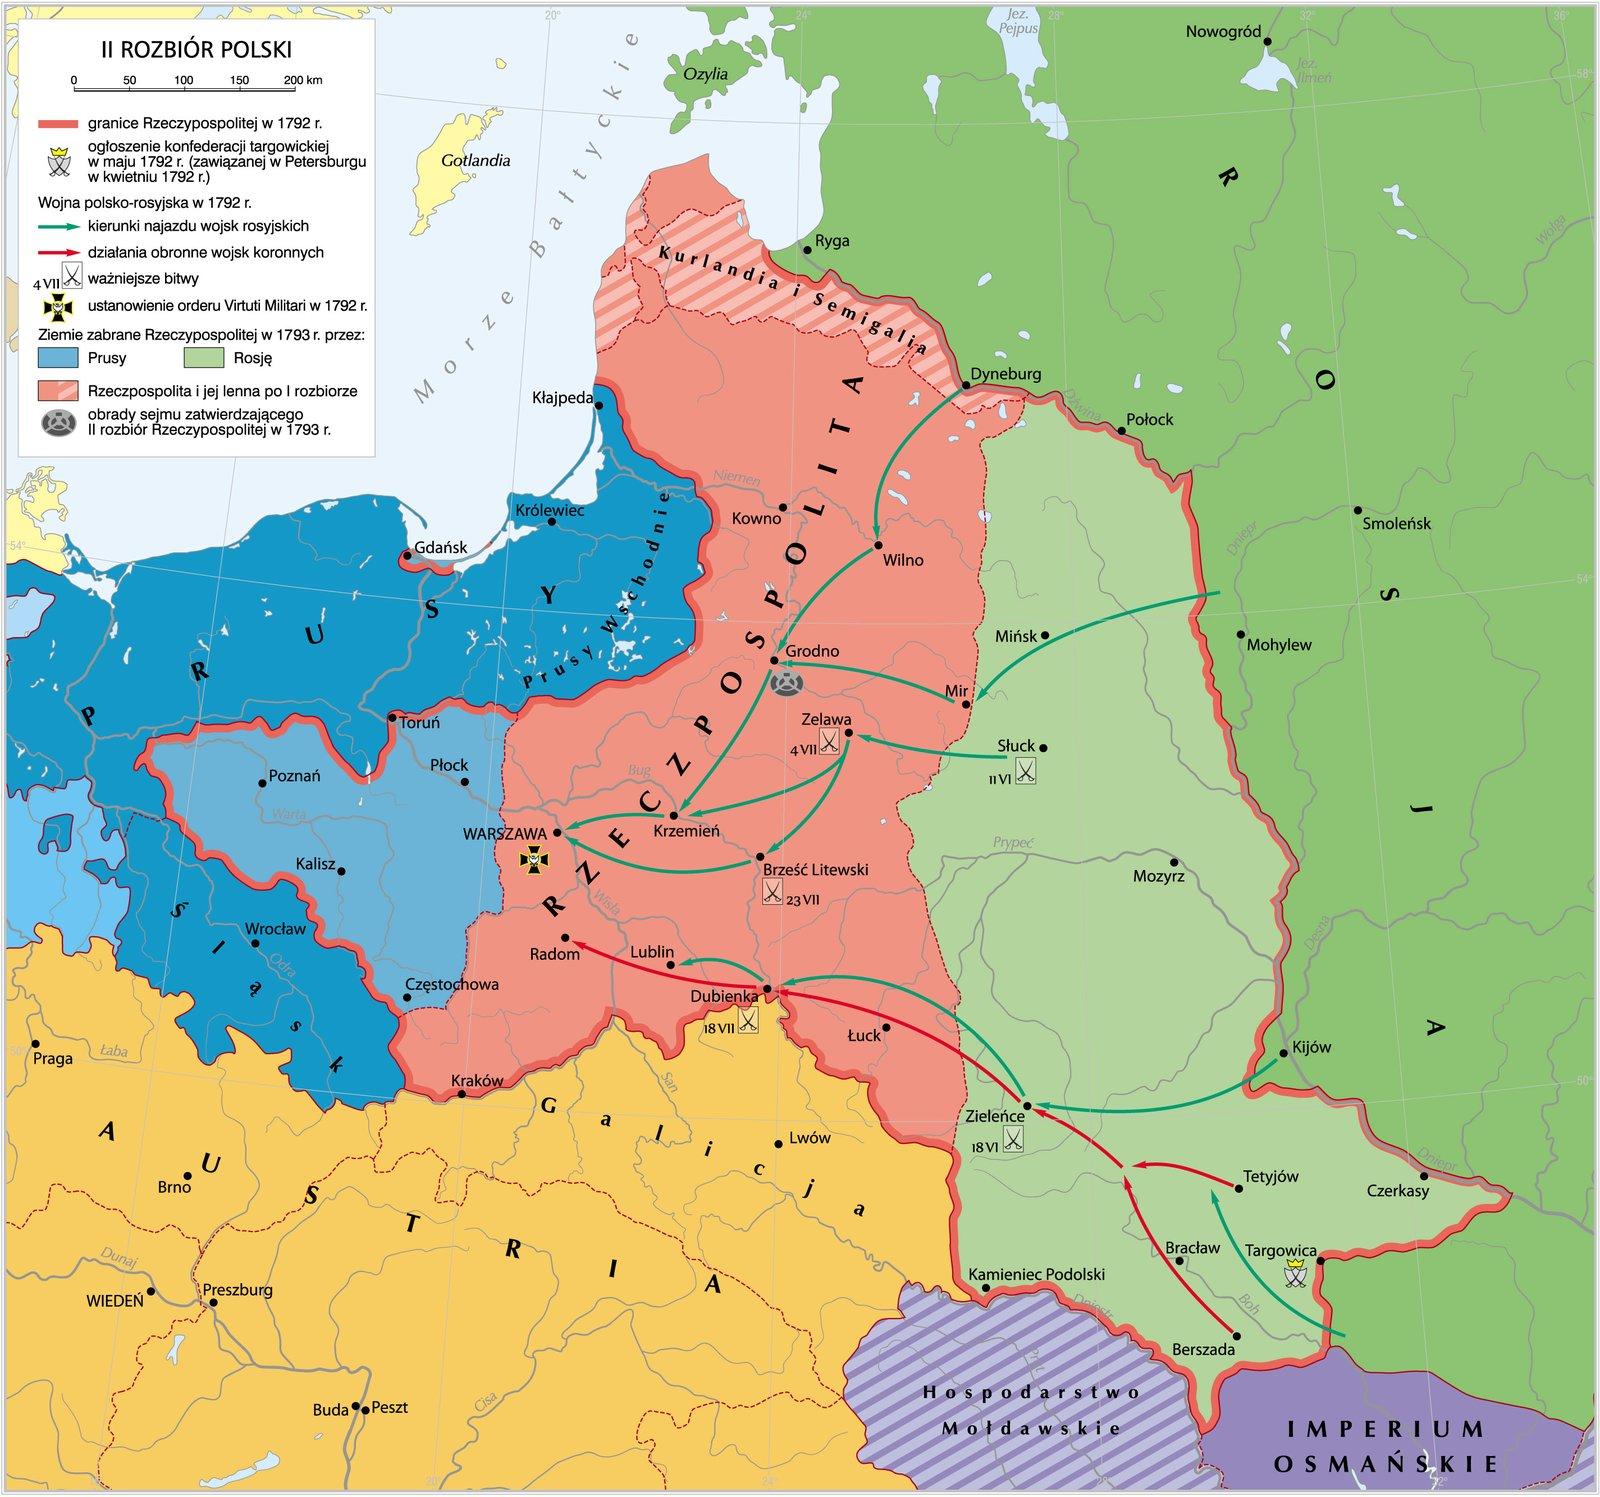 Drugi rozbiór Rzeczypospolitej w1793 r. Drugi rozbiór Rzeczypospolitej w1793 r. Źródło: Krystian Chariza izespół, licencja: CC BY-SA 4.0.